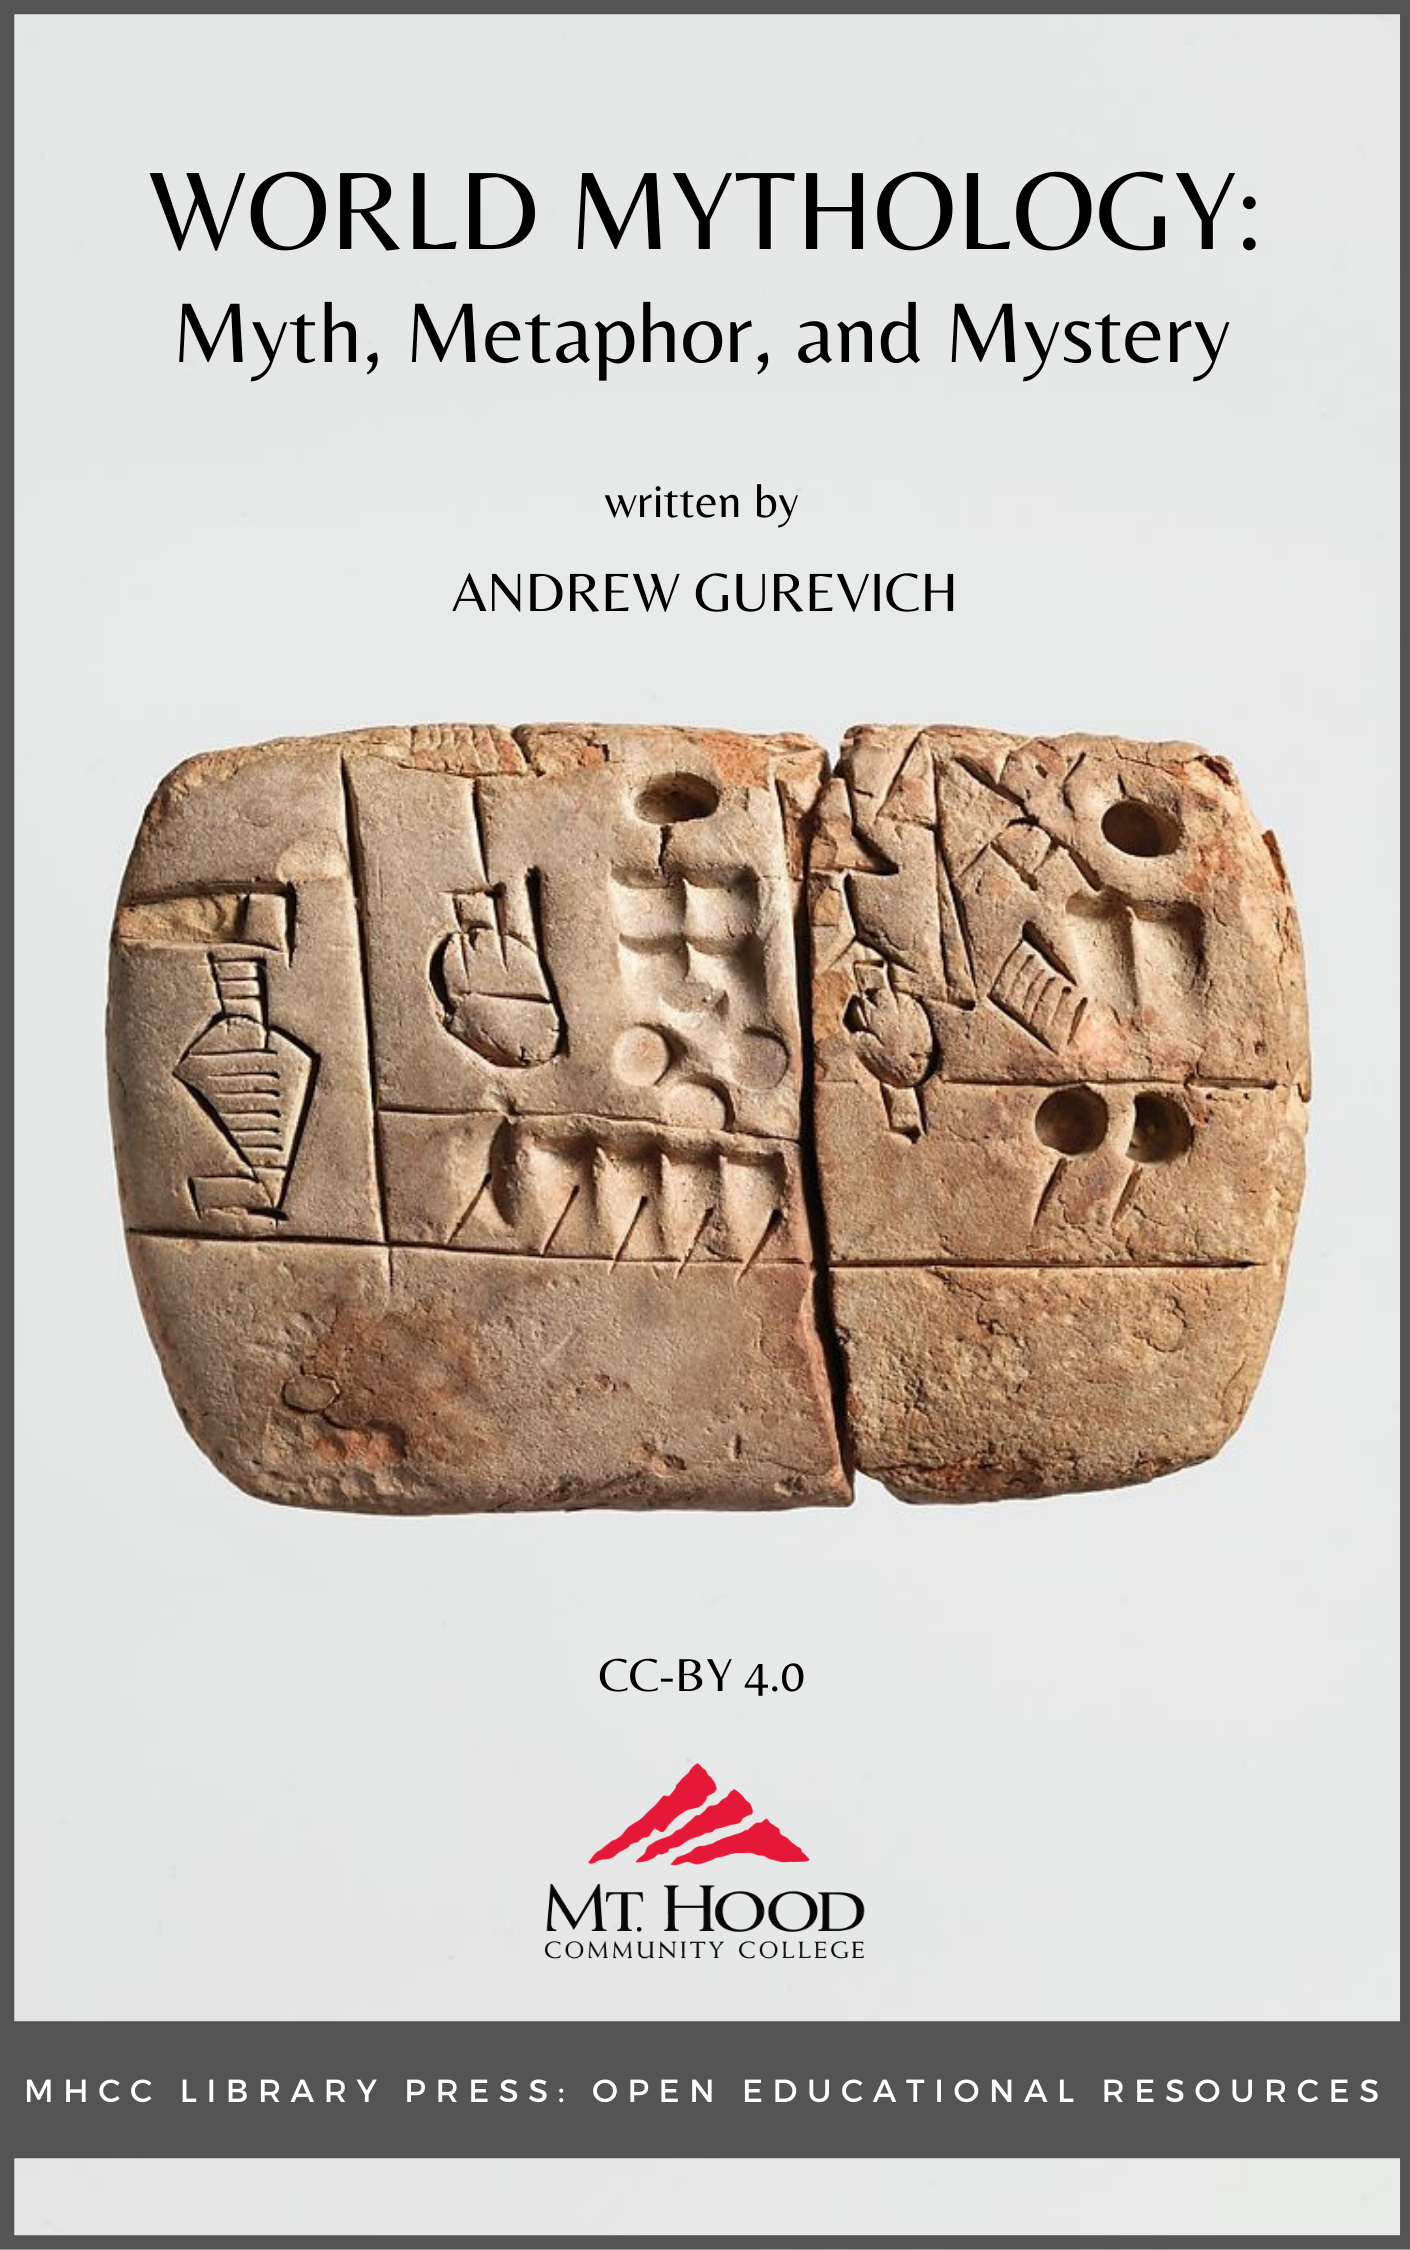 Cover image for World Mythology